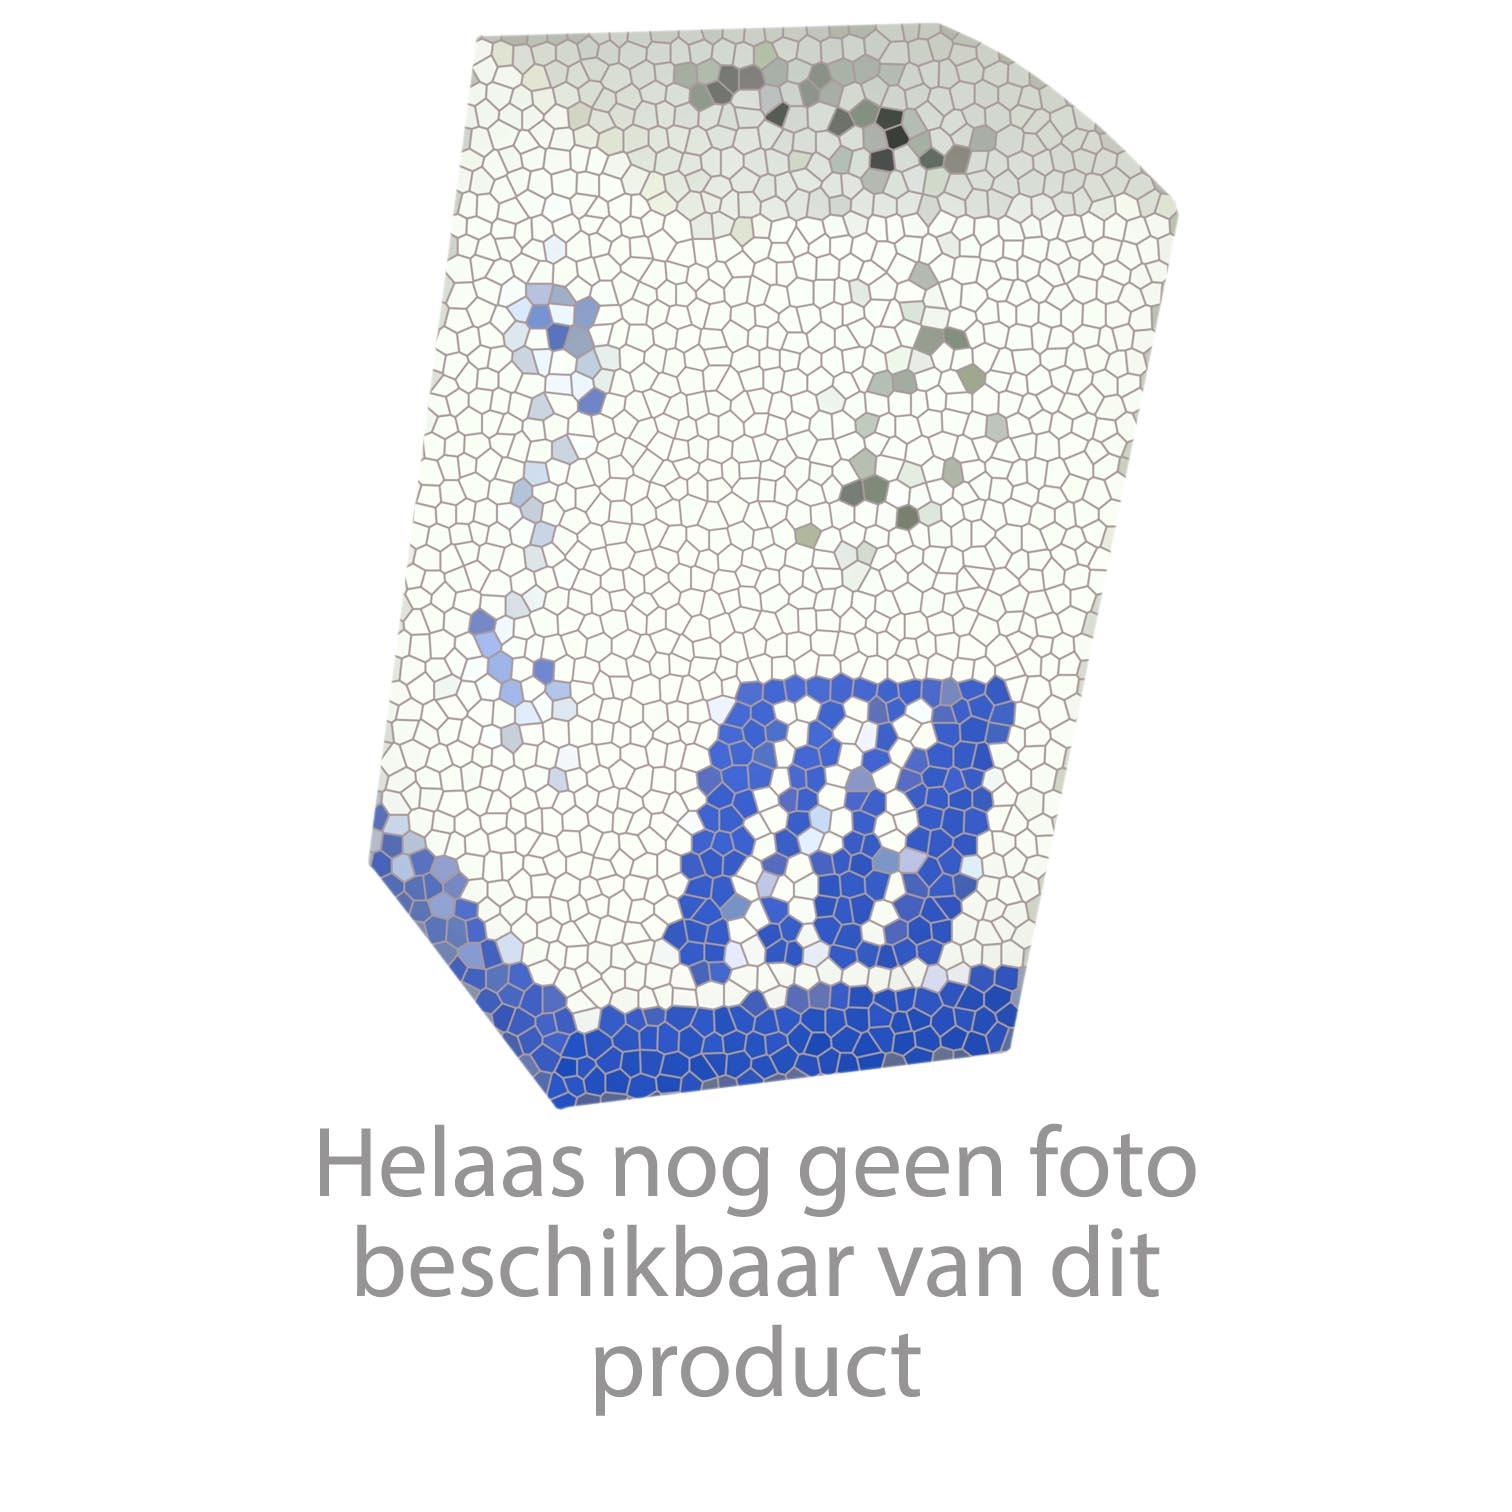 HansGrohe Keukenmengkranen Allegra Sportive / Allegra Elegance productiejaar > 09/01 32804000 onderdelen